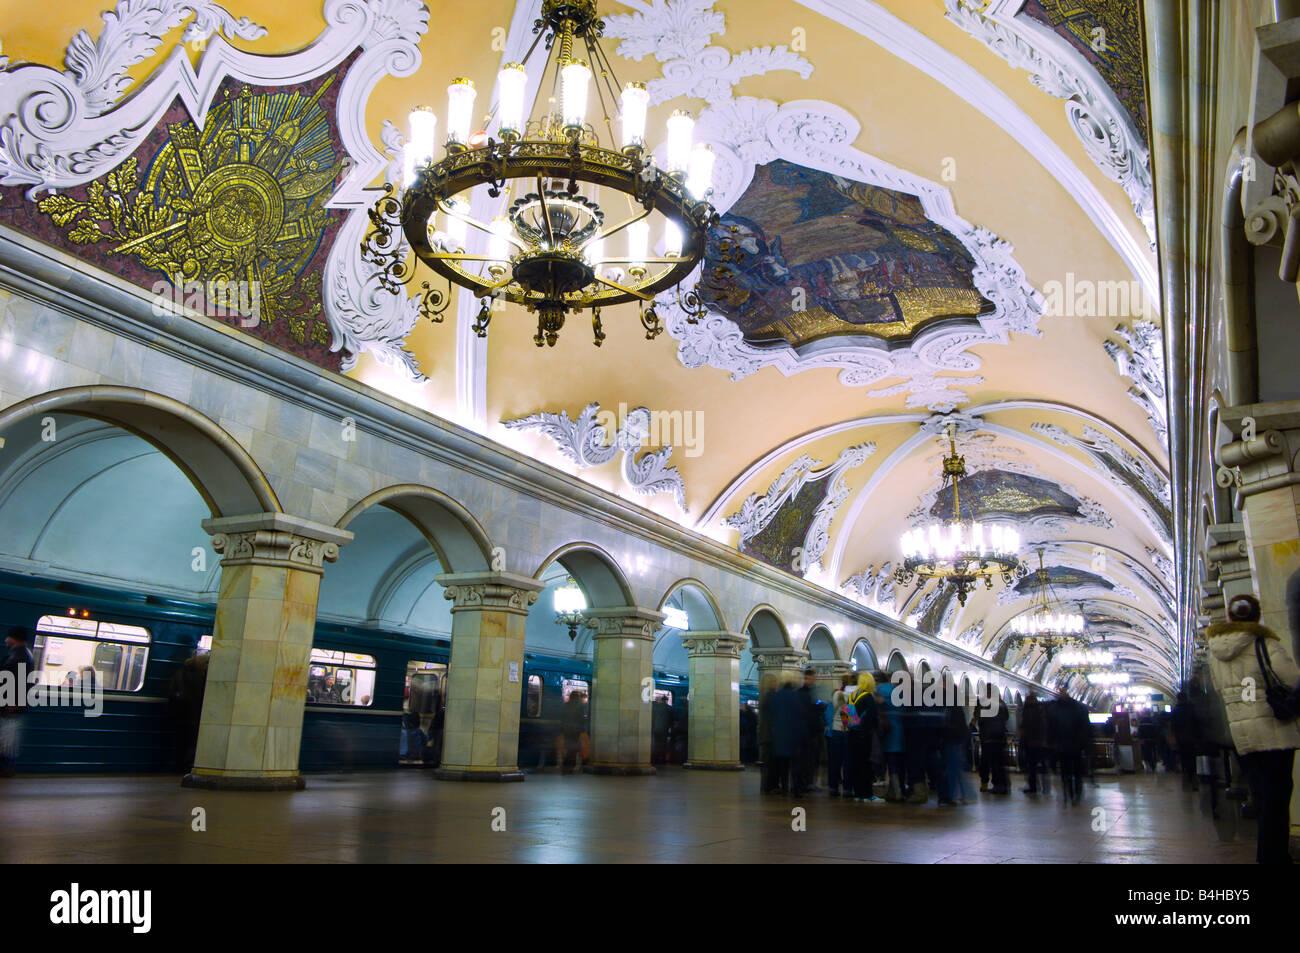 Yaroslavsky railway station - Komsomolskaya metro station: the way to the north 92